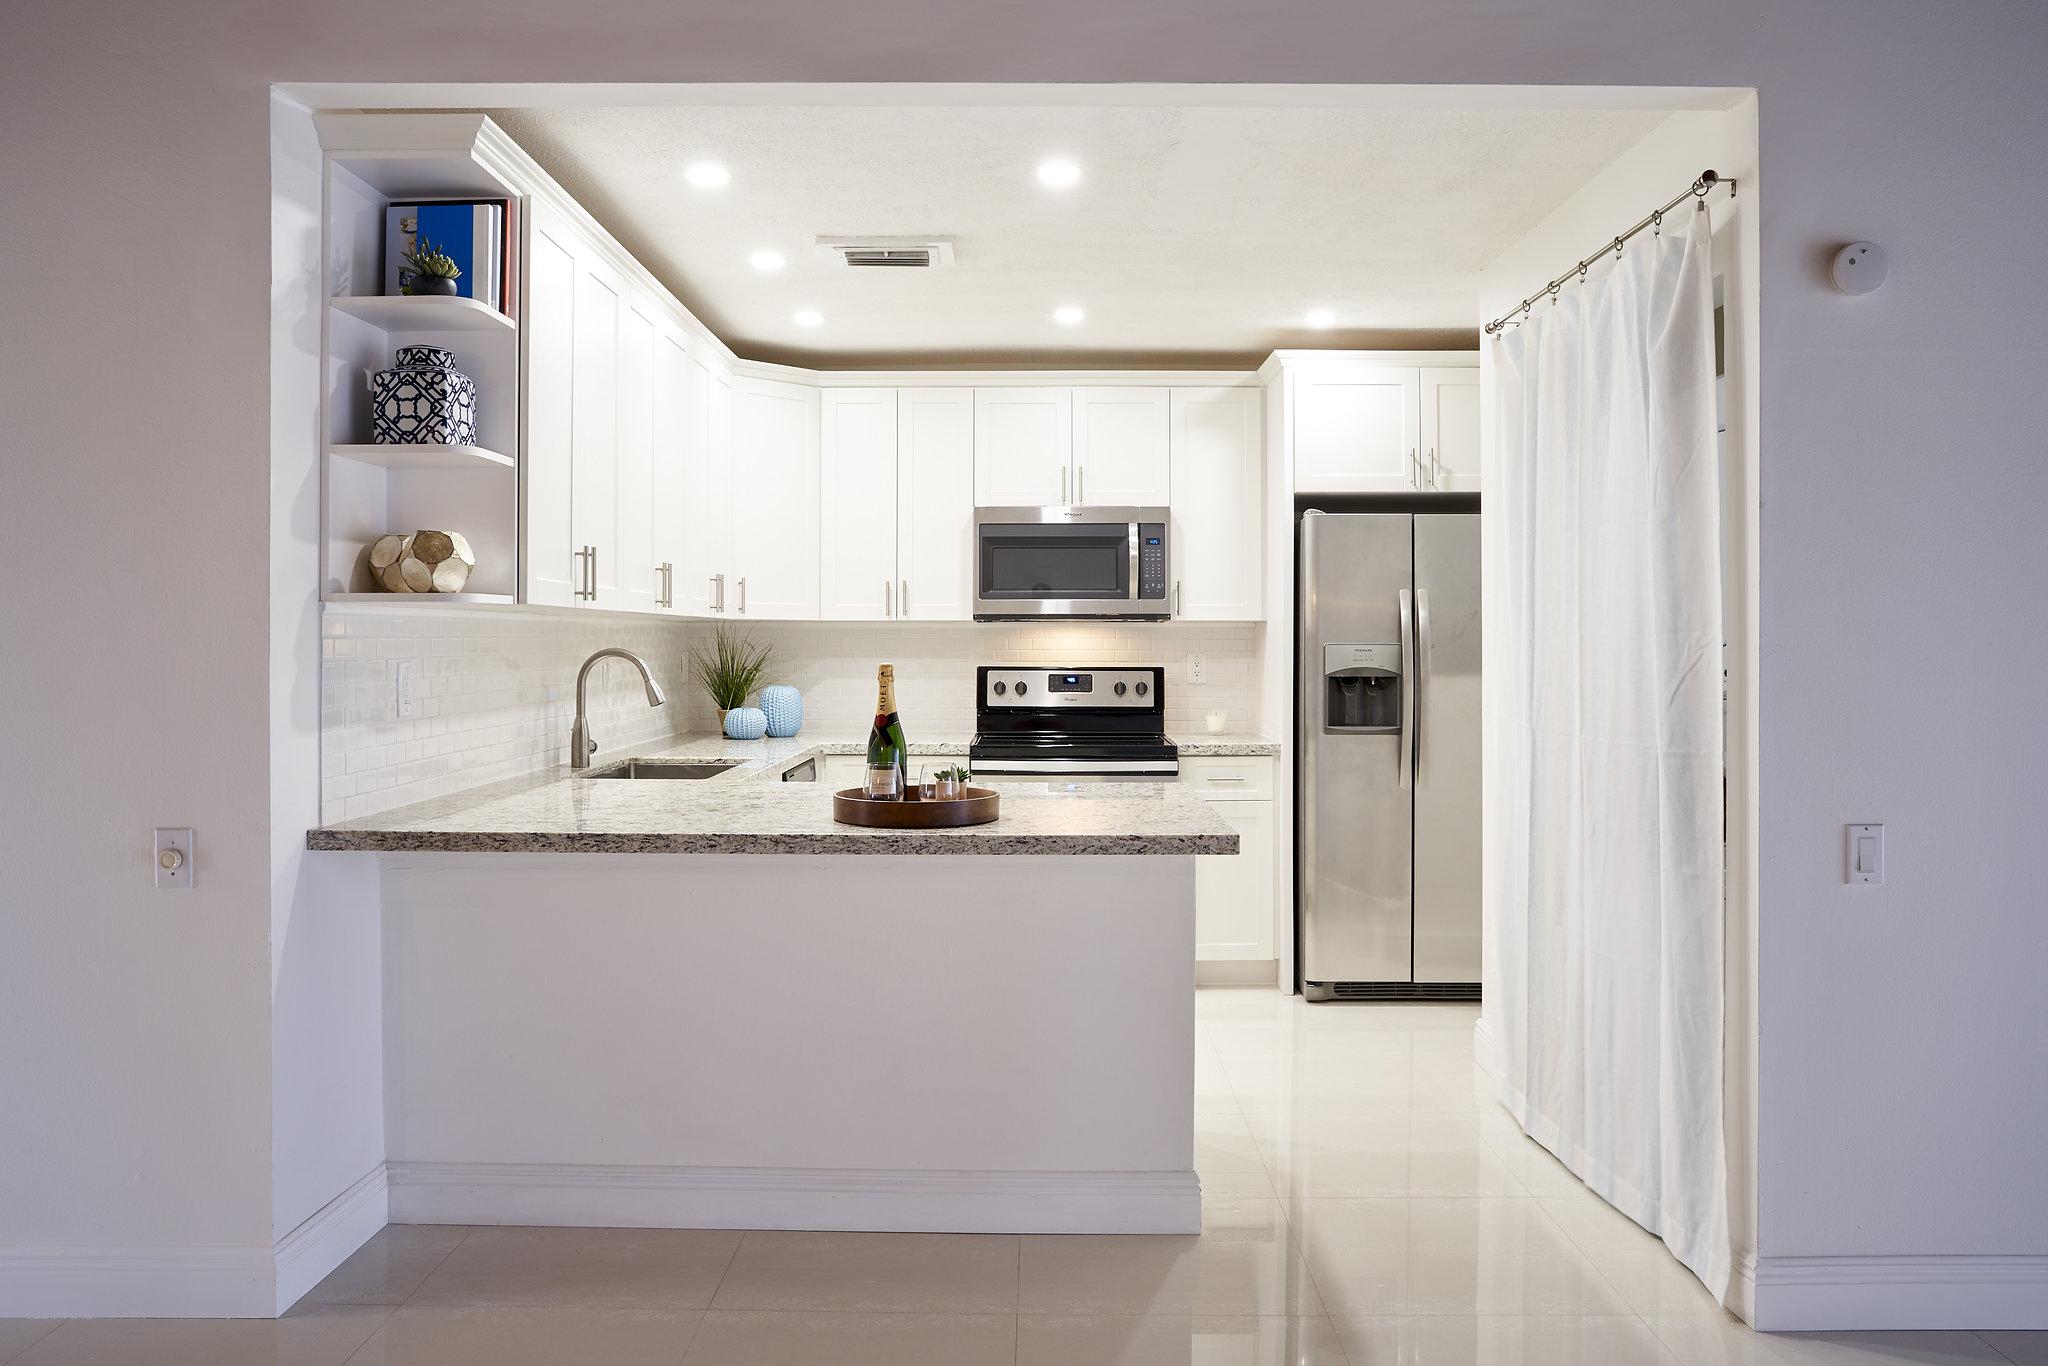 Snapper Village kitchen renovation